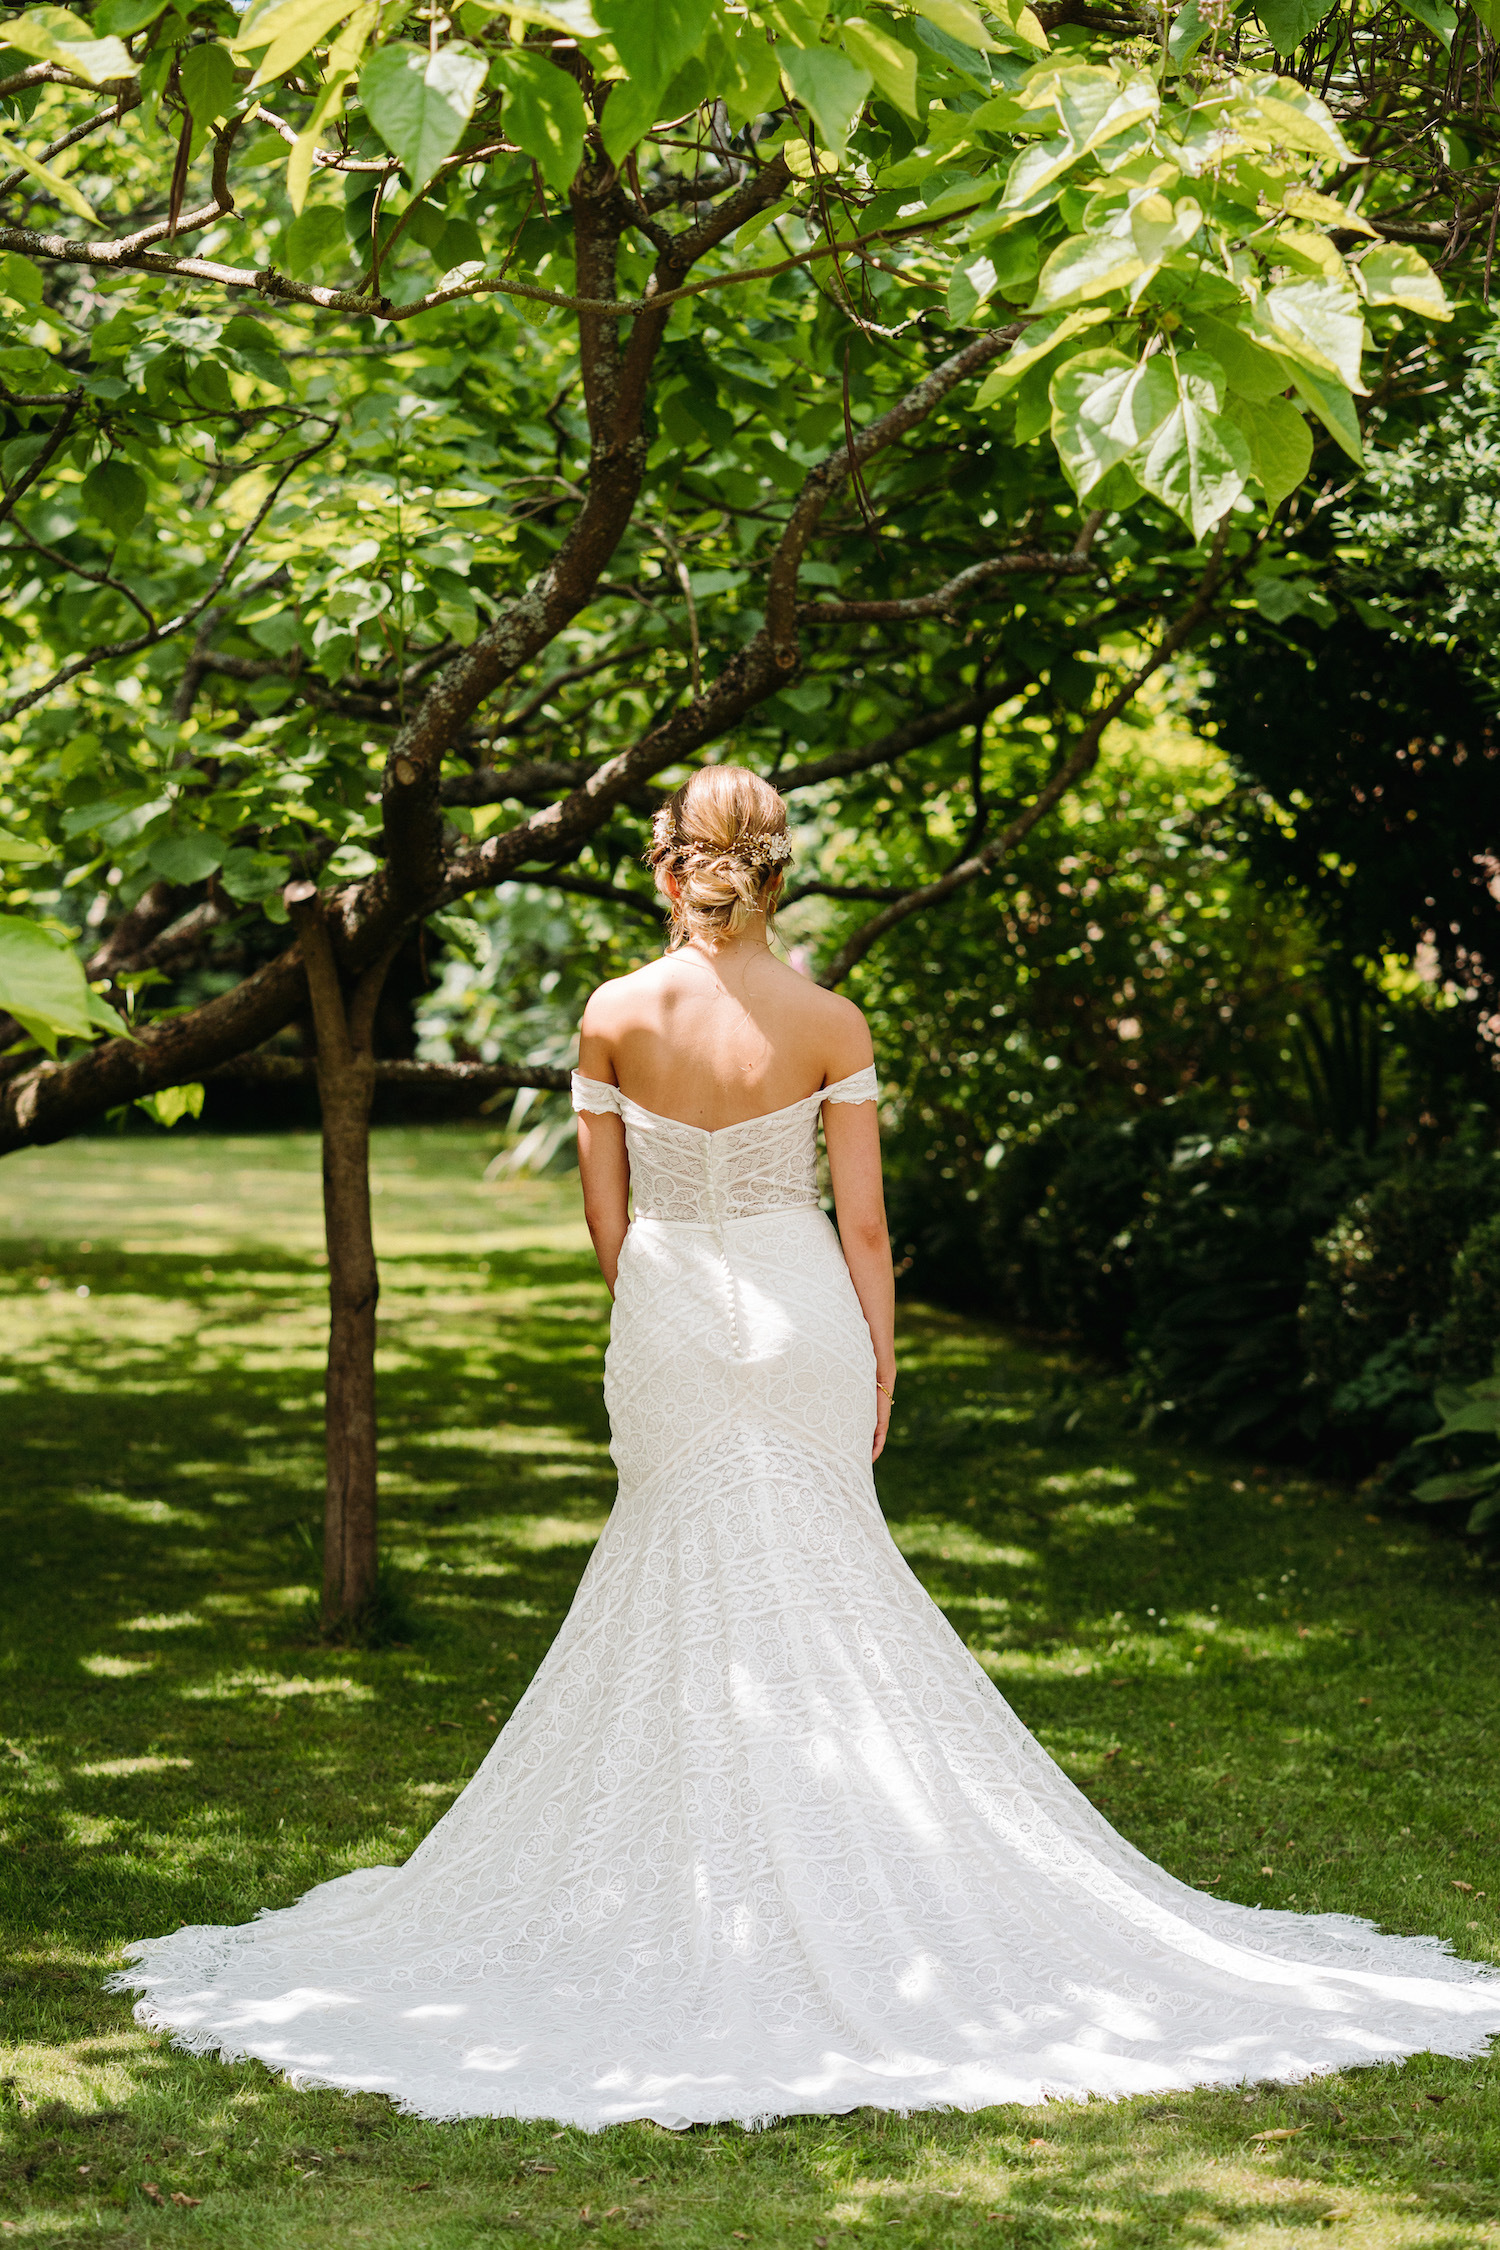 summer-garden-wedding-dress